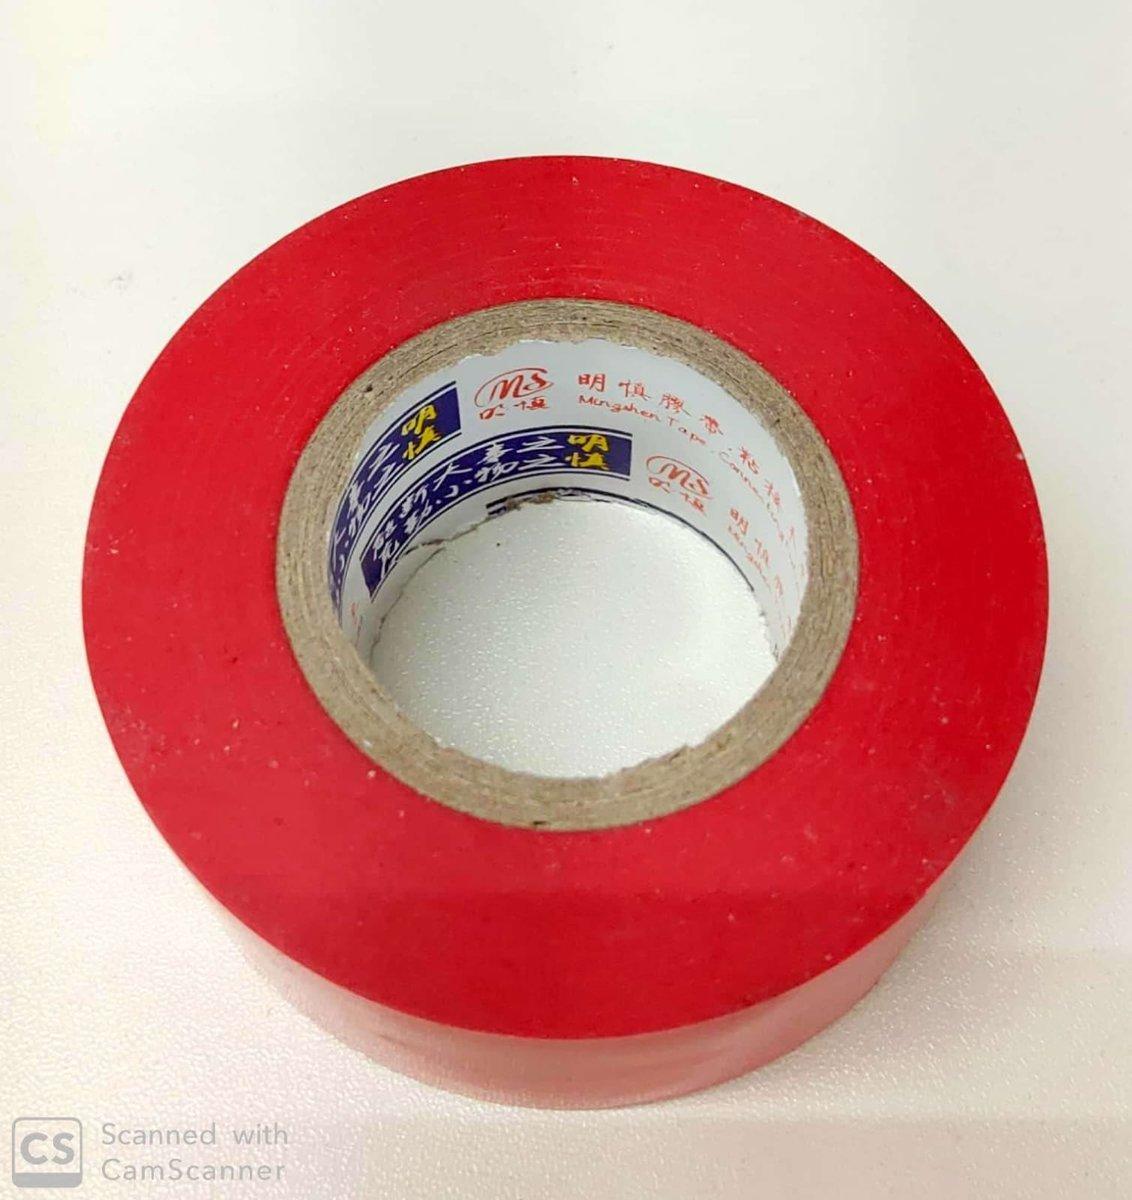 防水電線膠帶 (寬30mm長18米) RED